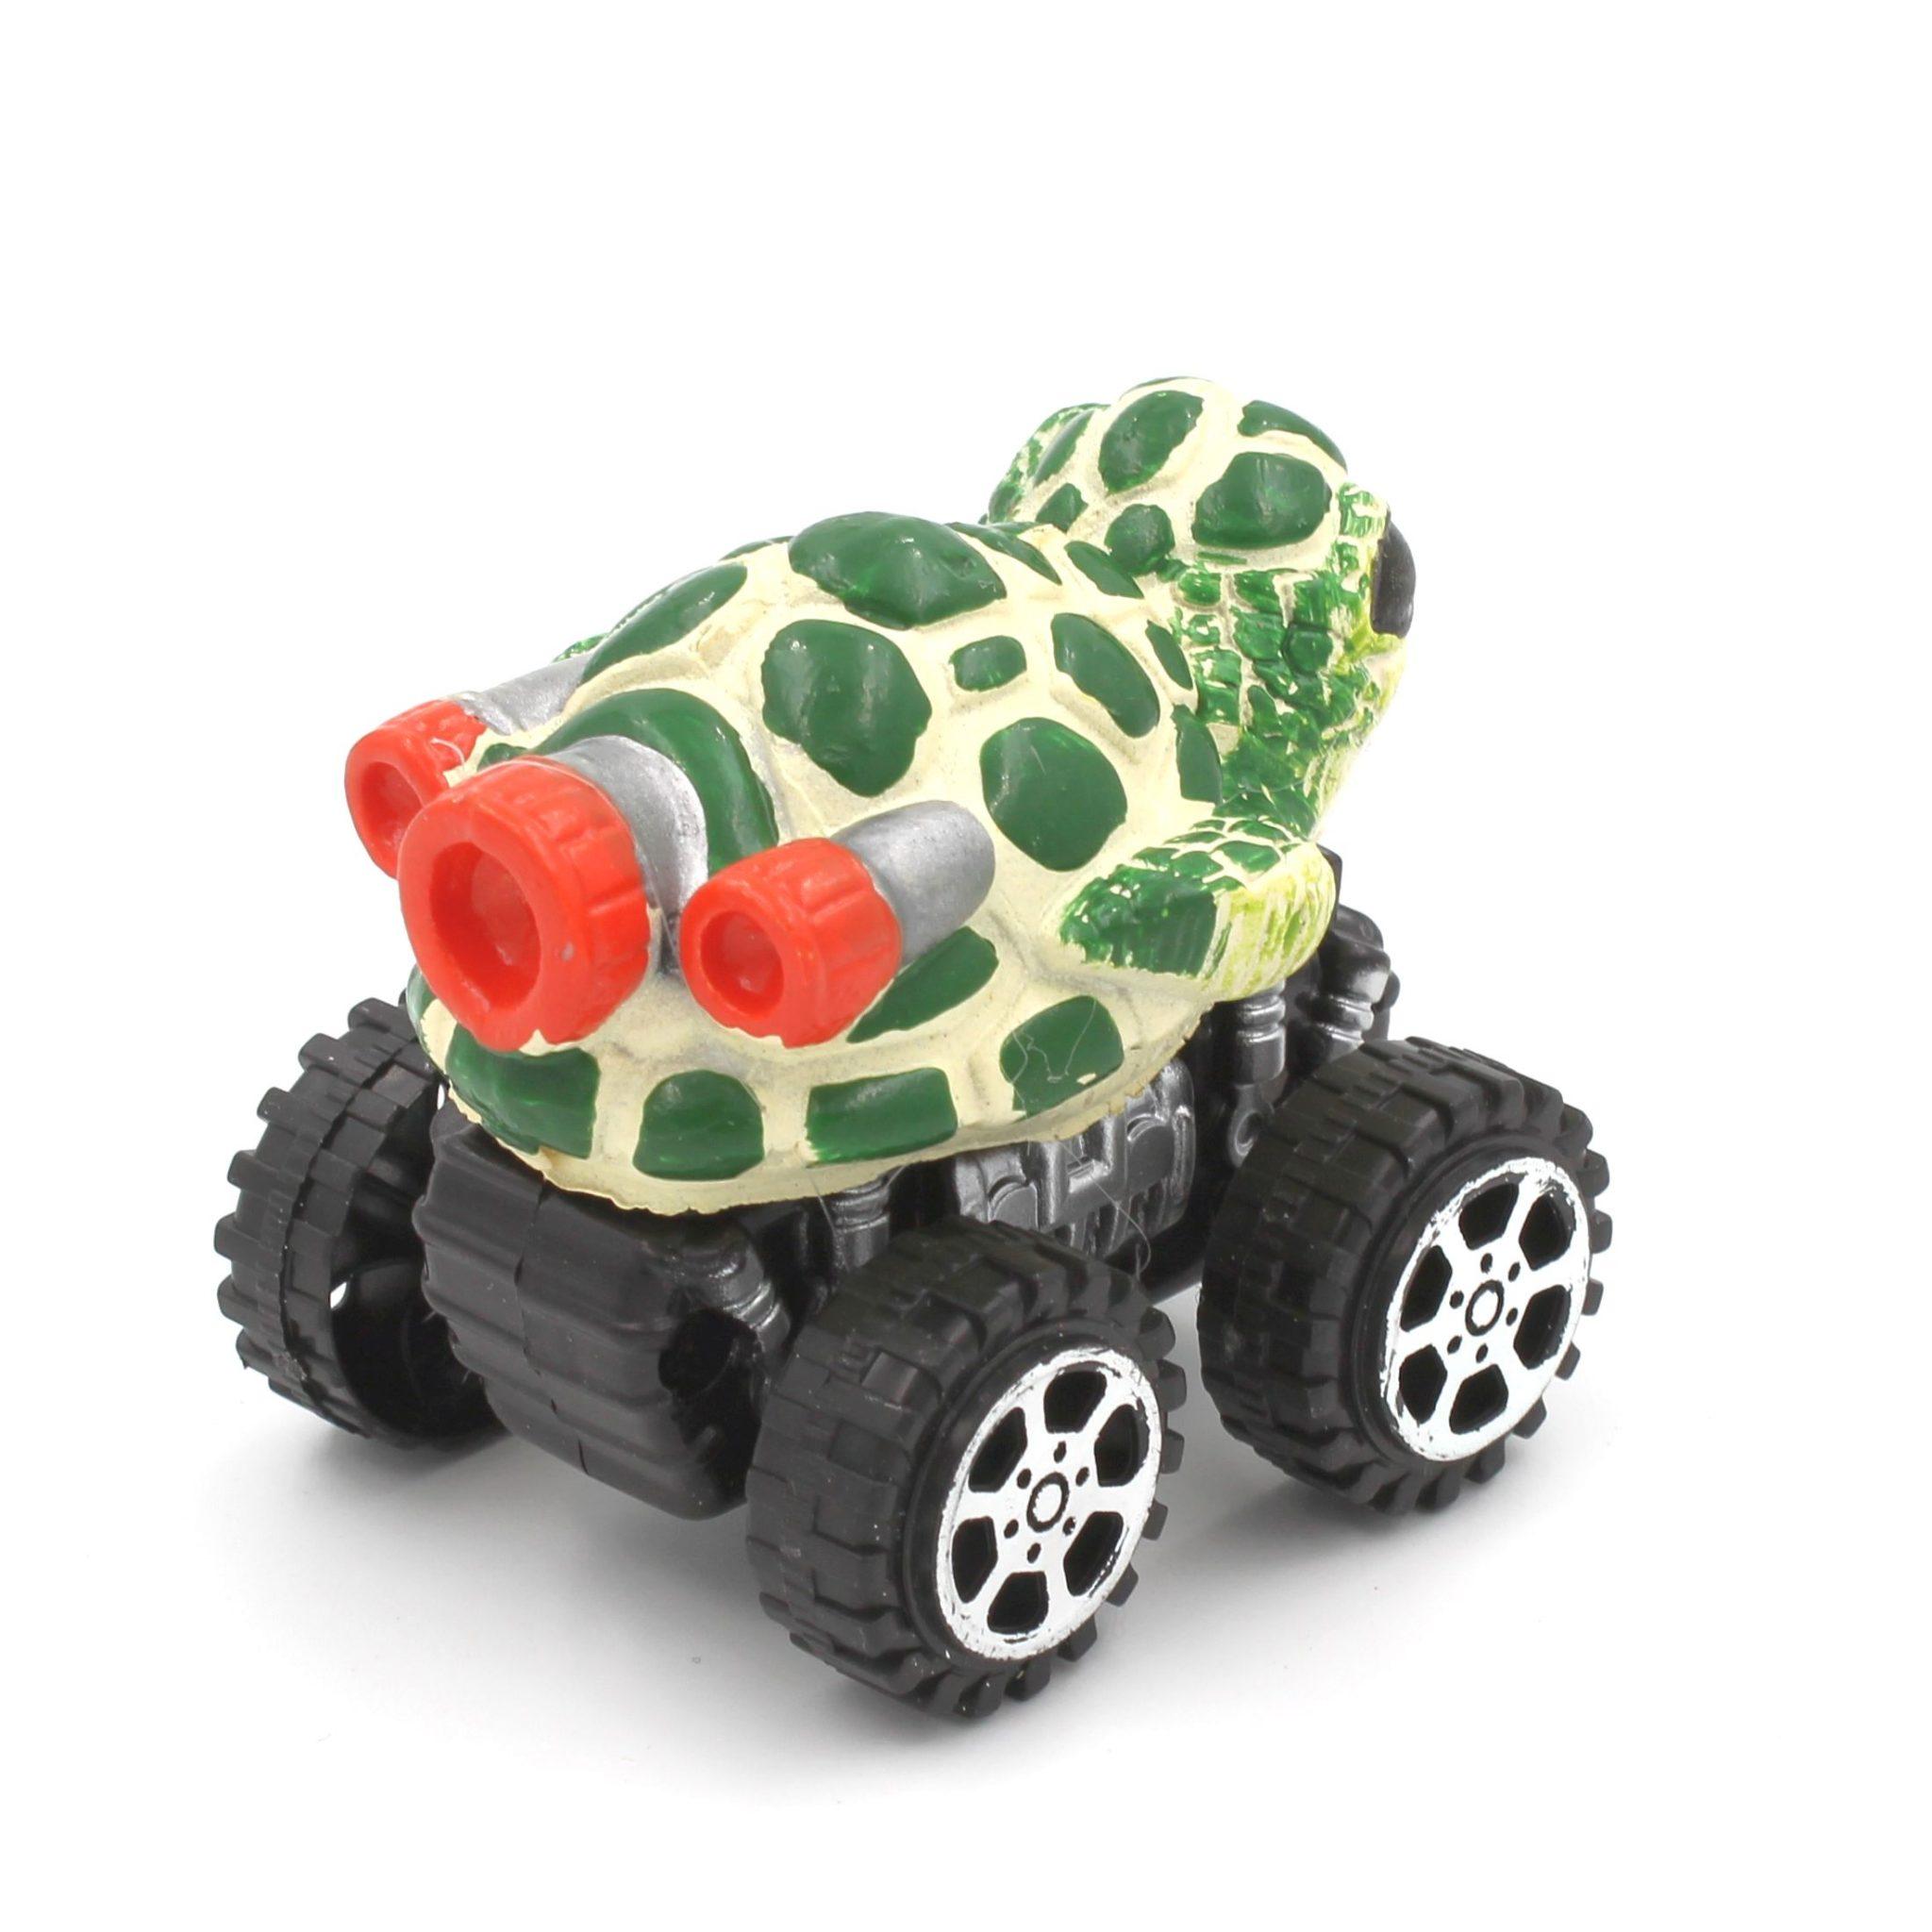 Mașinuță cu sistem friction broasca testoasa